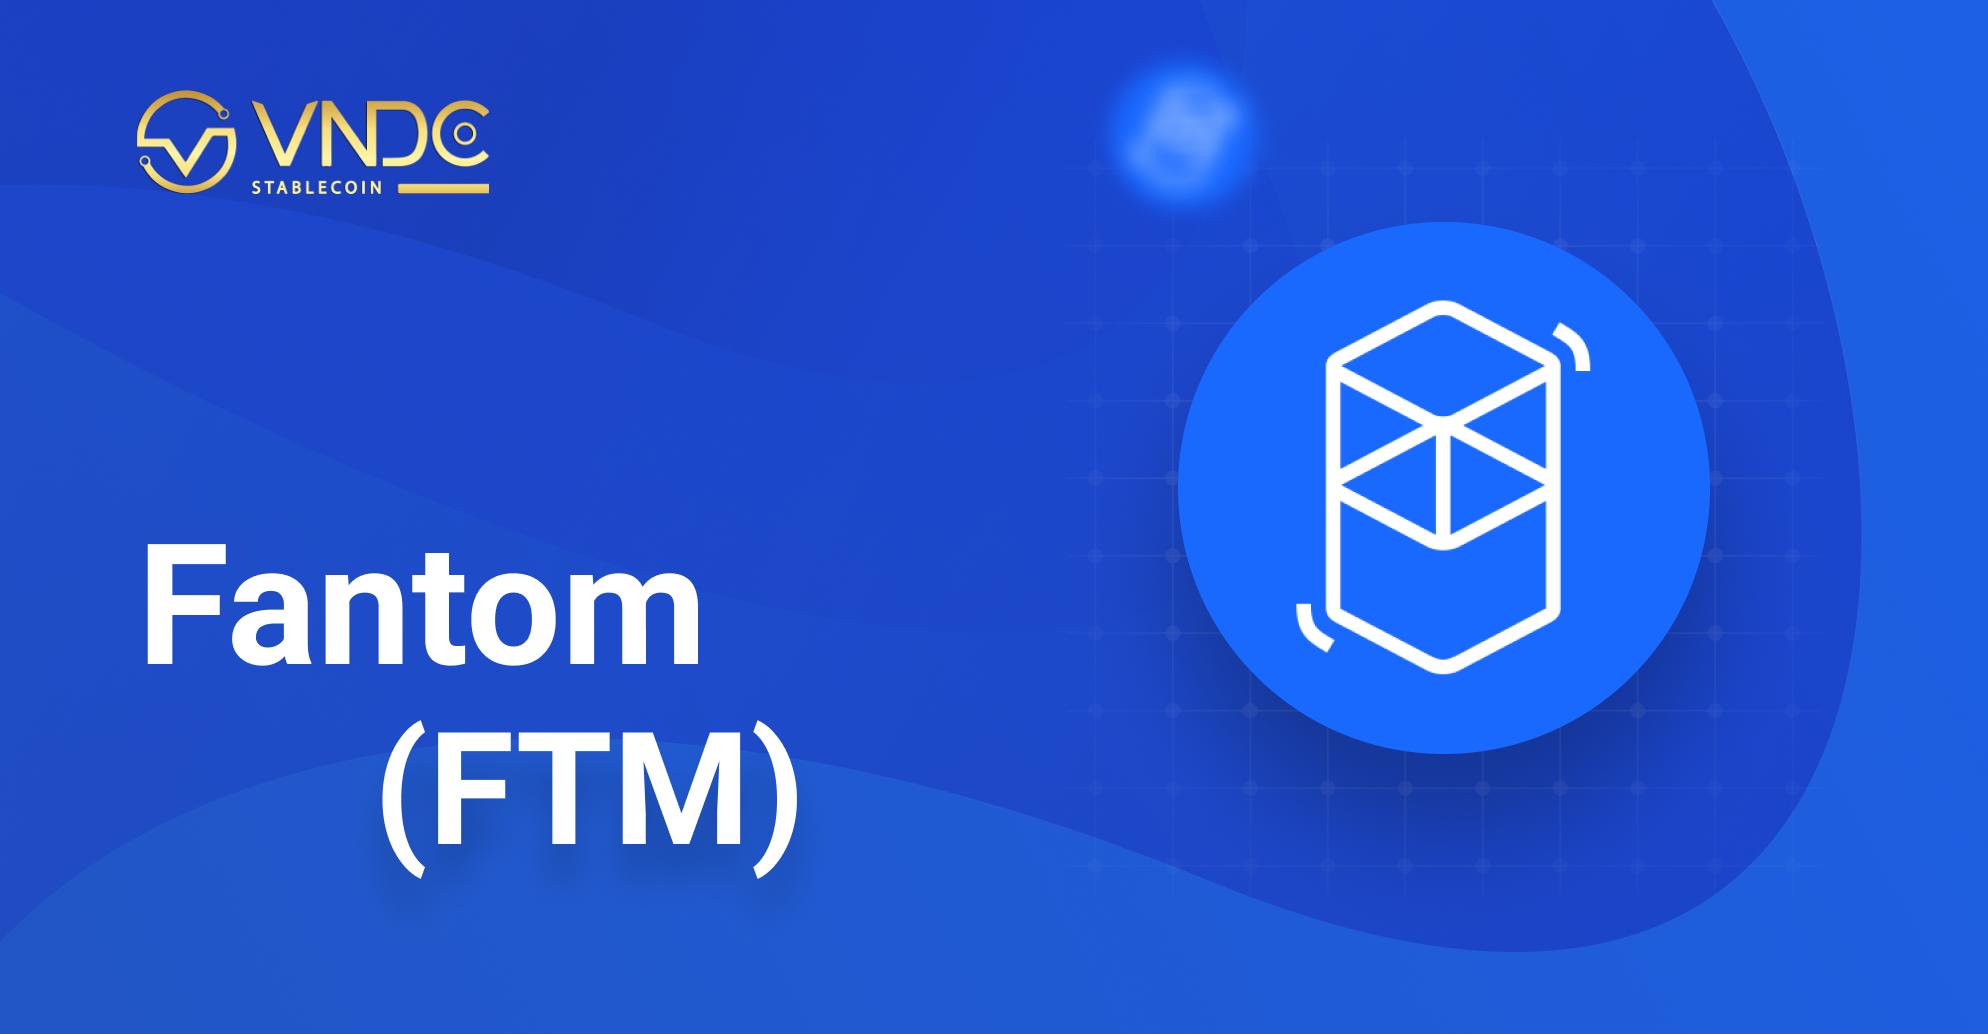 Chính thức niêm yết Fantom Token (FTM) trên VNDC Wallet ngày 28/04/2021